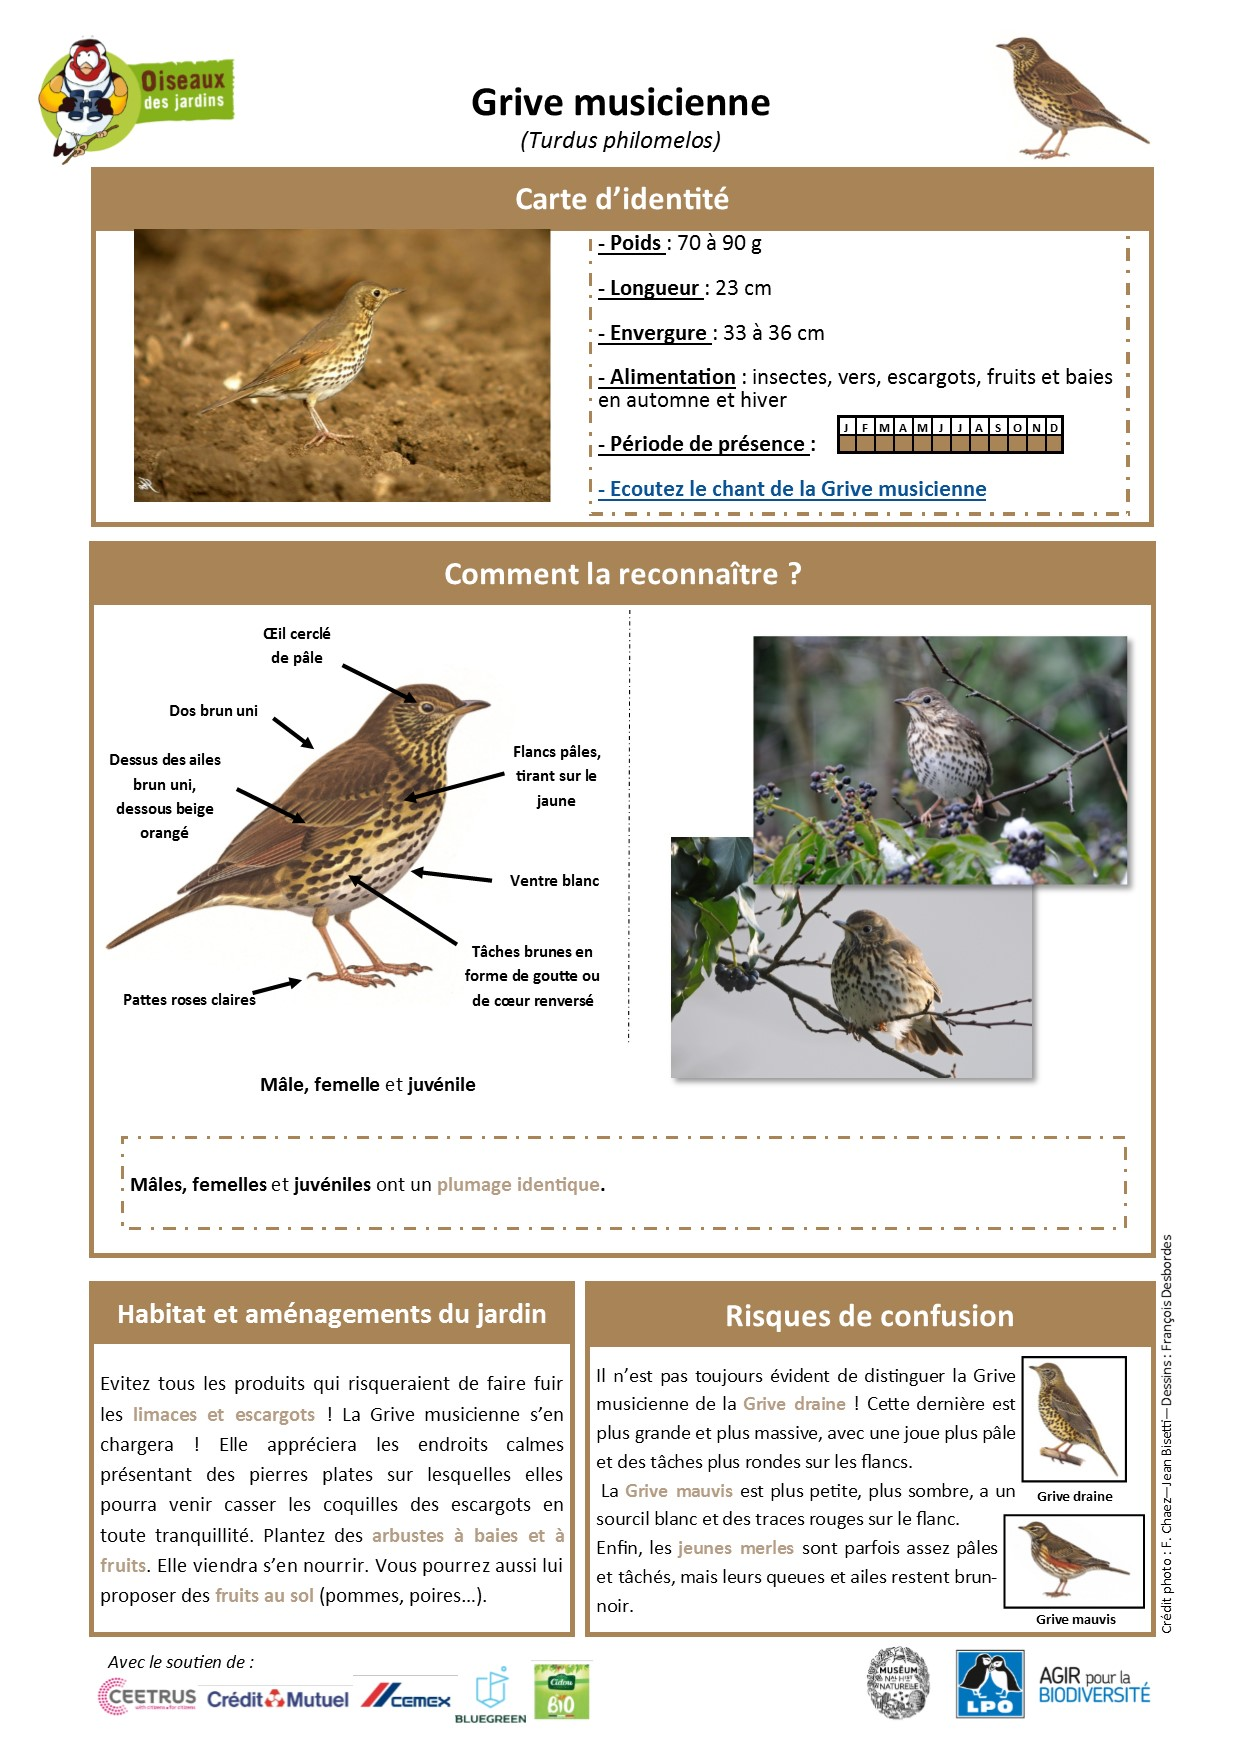 https://cdnfiles2.biolovision.net/www.oiseauxdesjardins.fr/userfiles/Fichesespces/FicheespceGMcpsv2.pdf